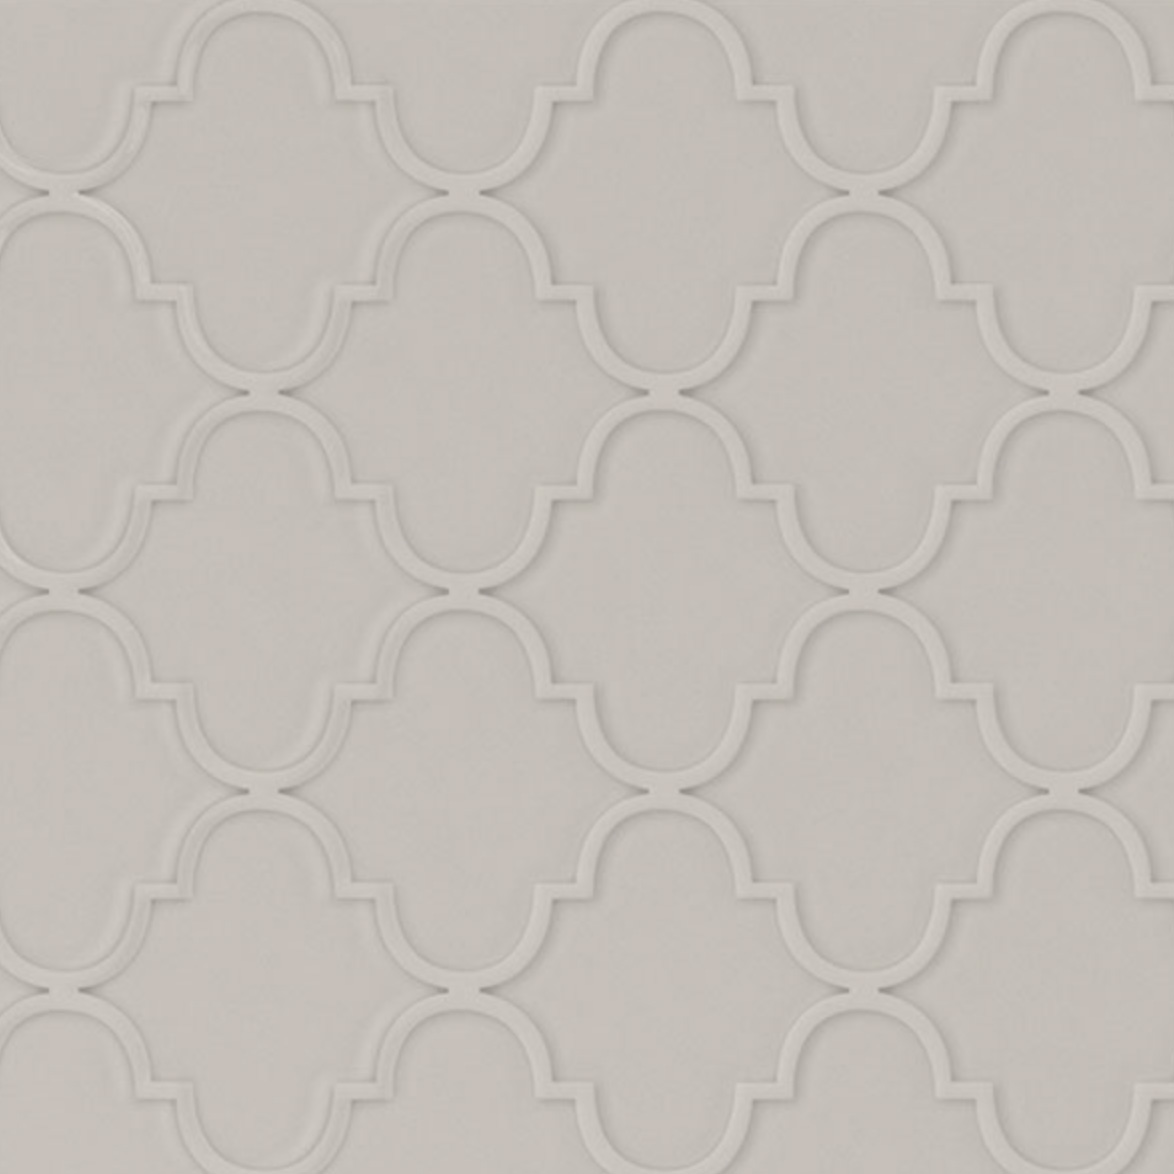 Showscape Soft Grey Arabesque